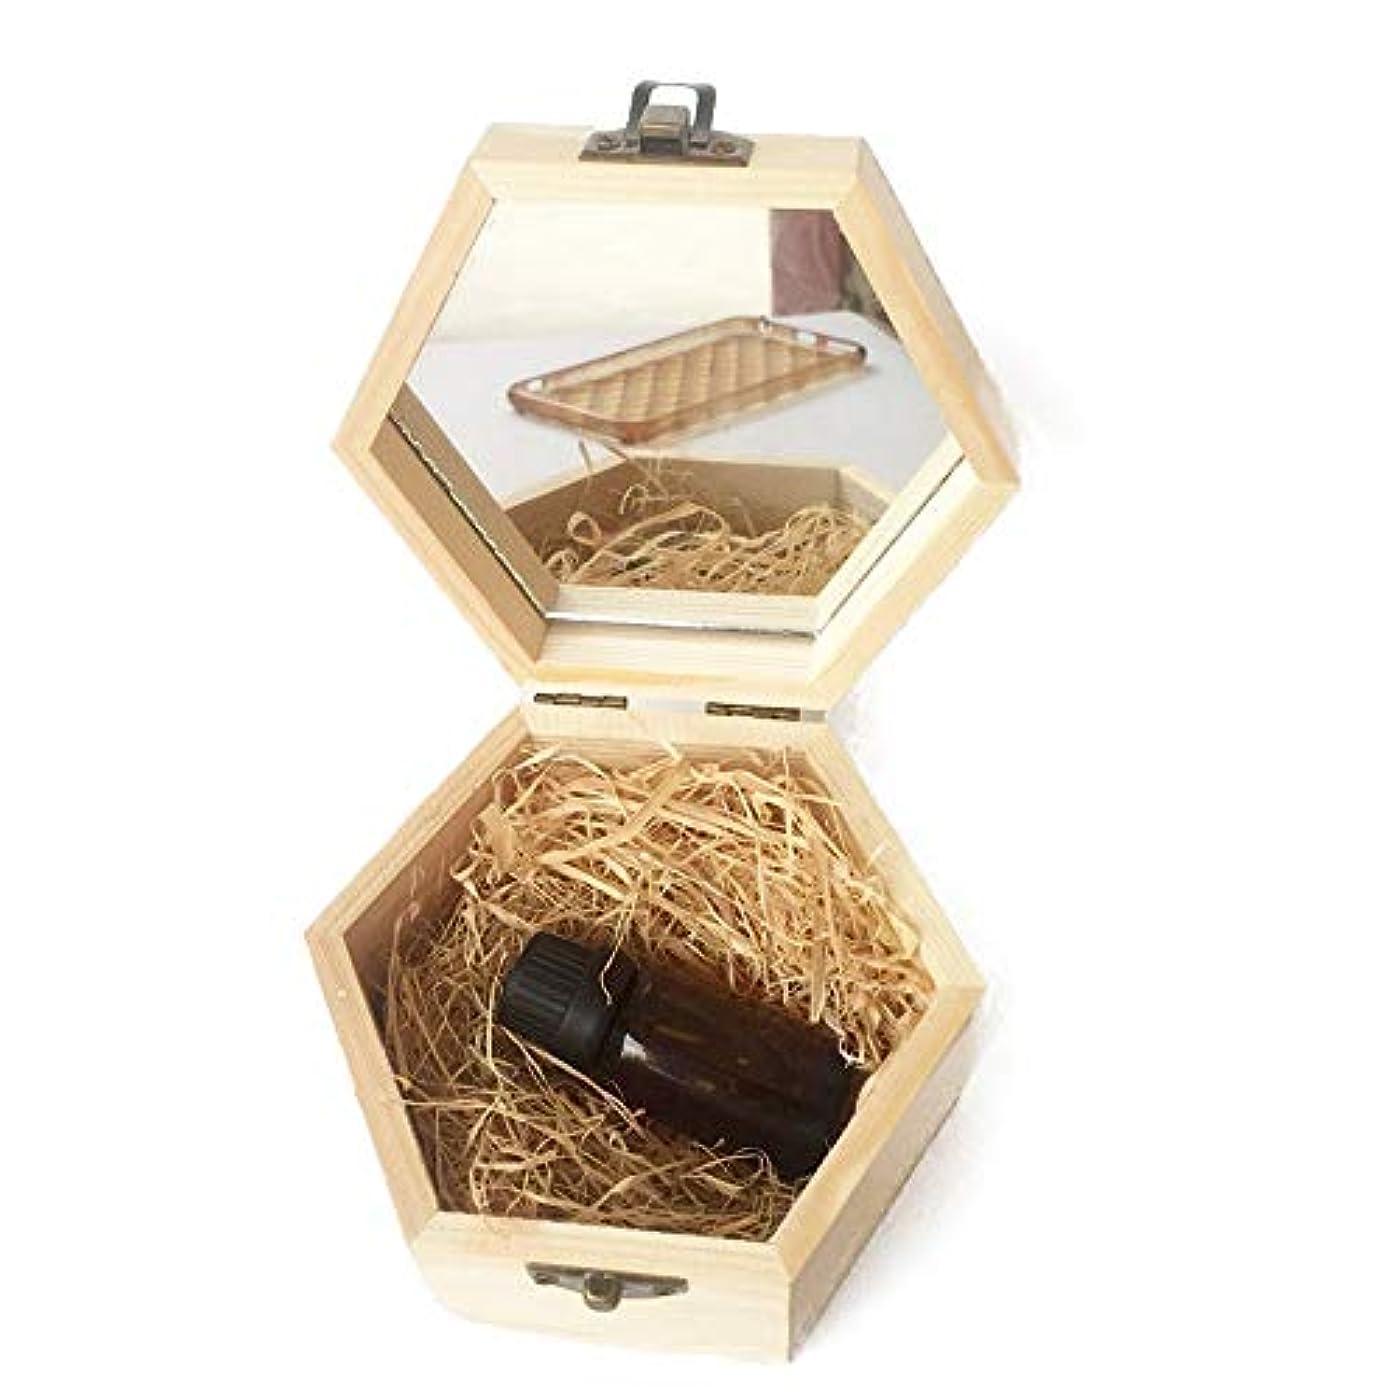 組み合わせ私の付与アロマセラピーのエッセンシャルオイル木箱の品質収納ケース アロマセラピー製品 (色 : Natural, サイズ : 13X11.3X6.8CM)